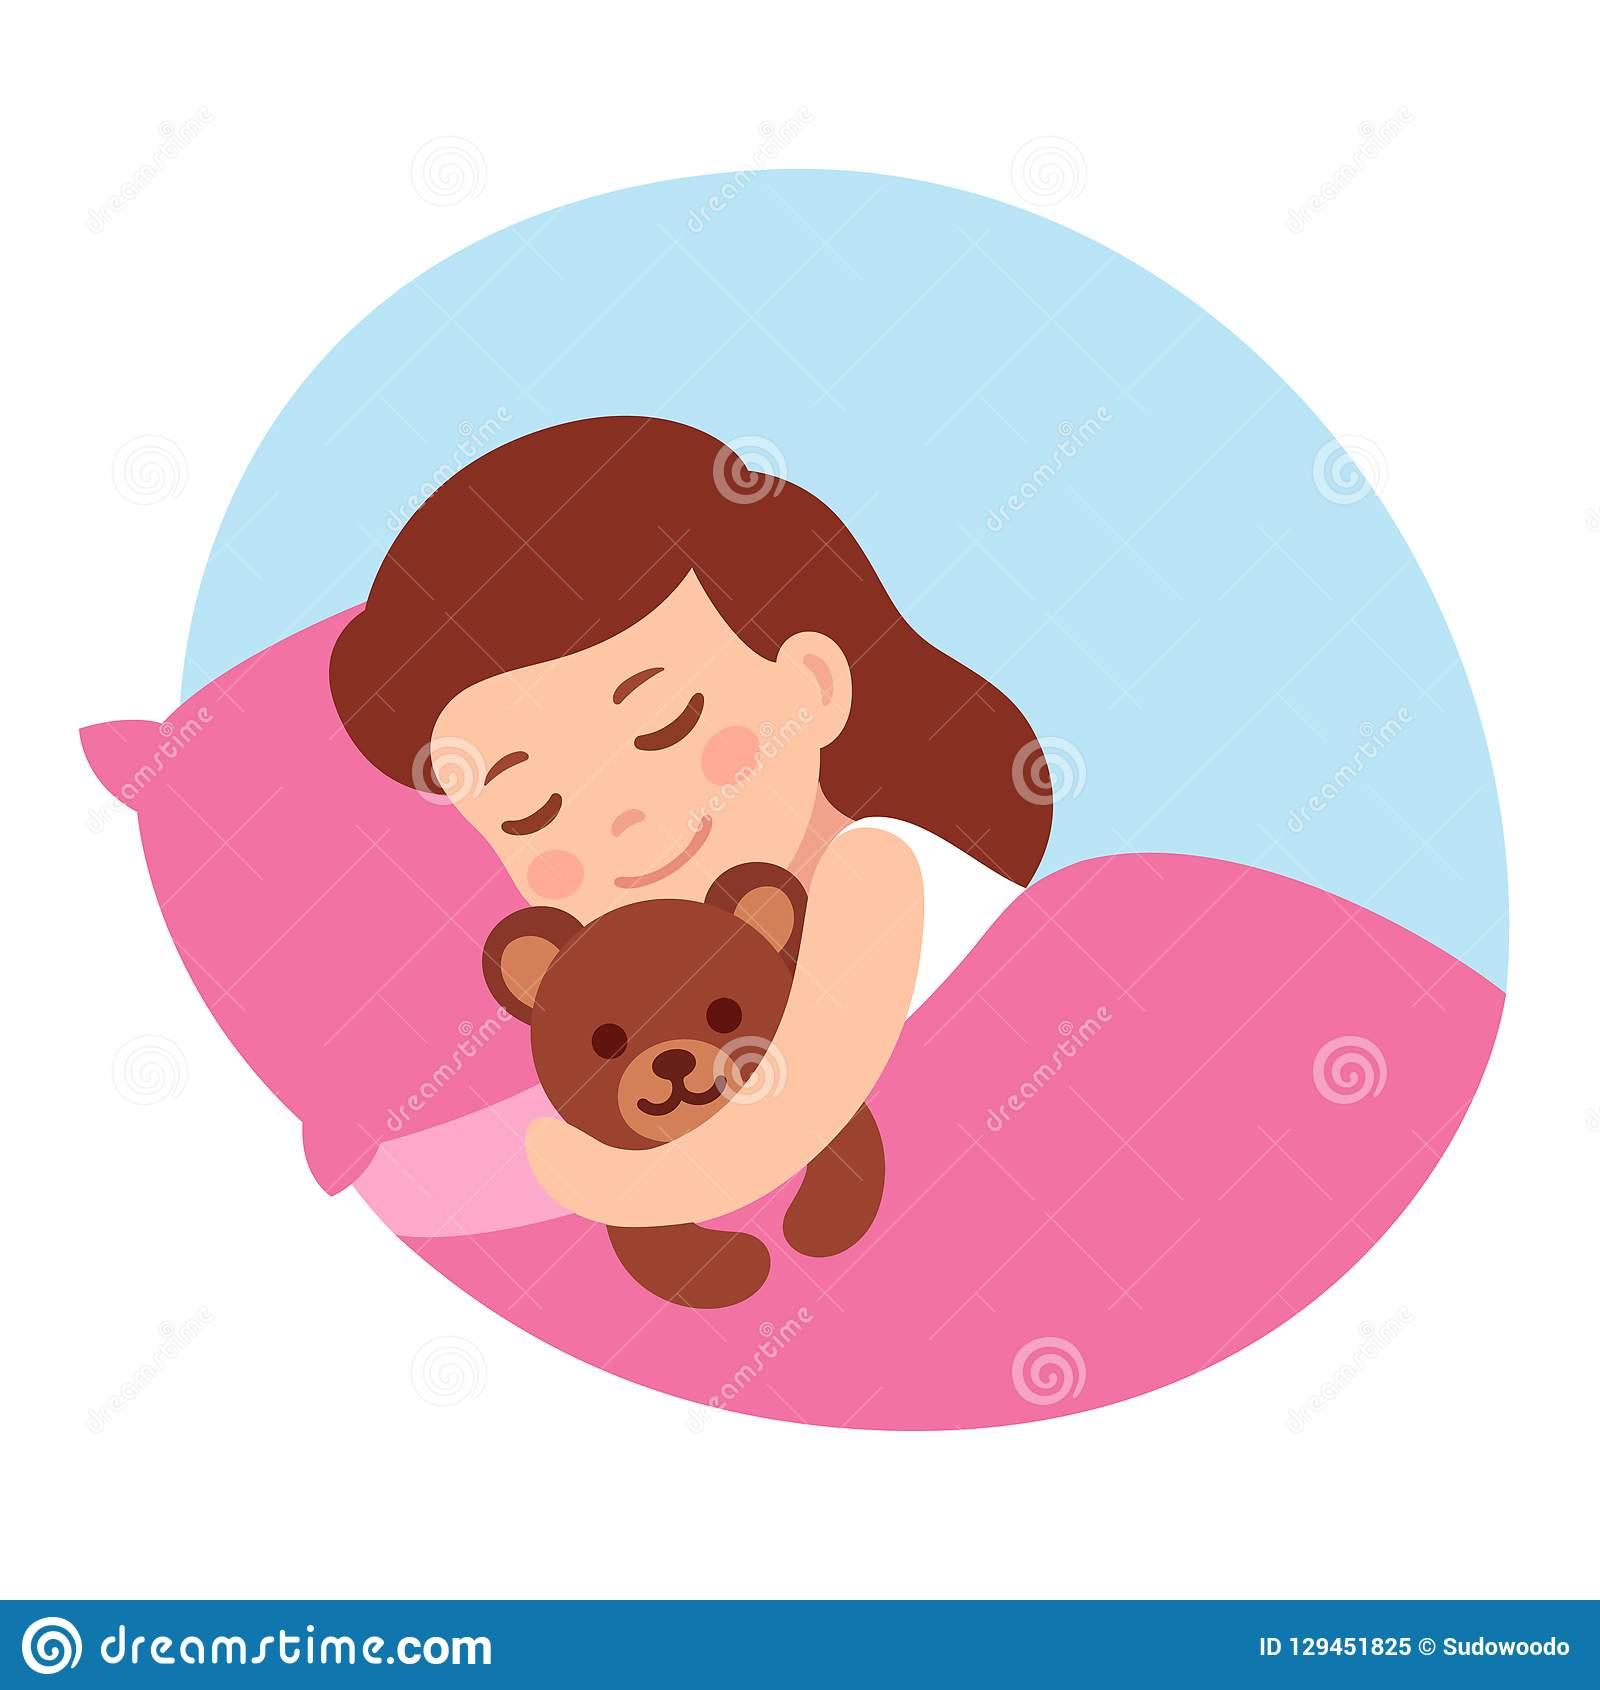 Sleeping Girl With Teddy Bear Stock Vector.